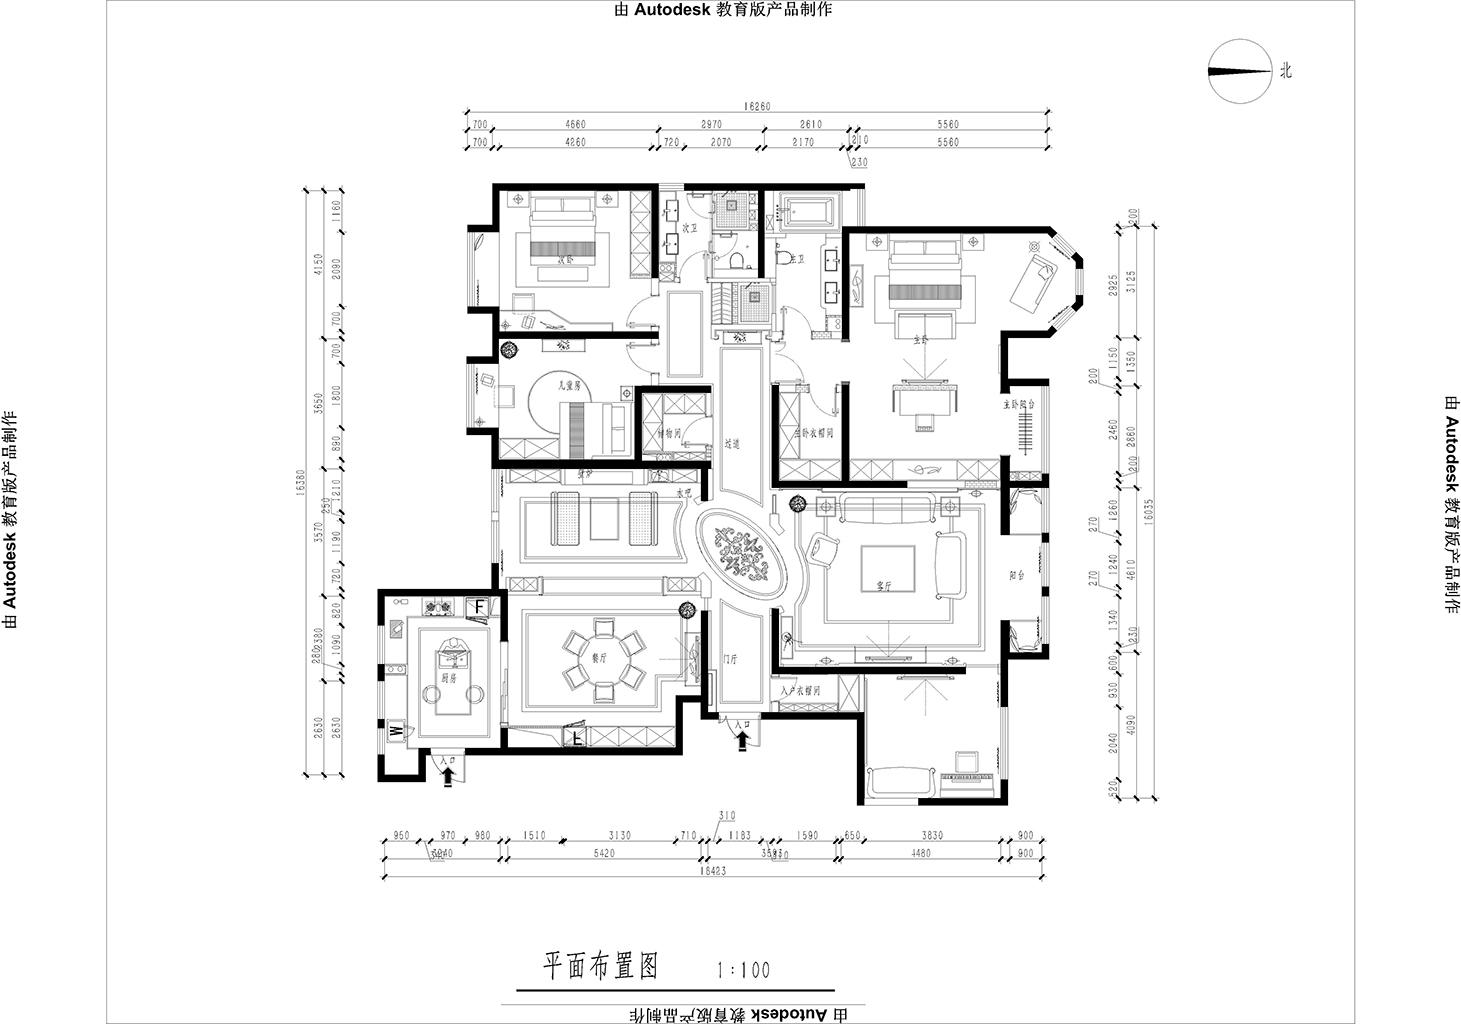 天玺台 法式轻奢装修效果图 四室两厅一厨两卫 248平米装修设计理念